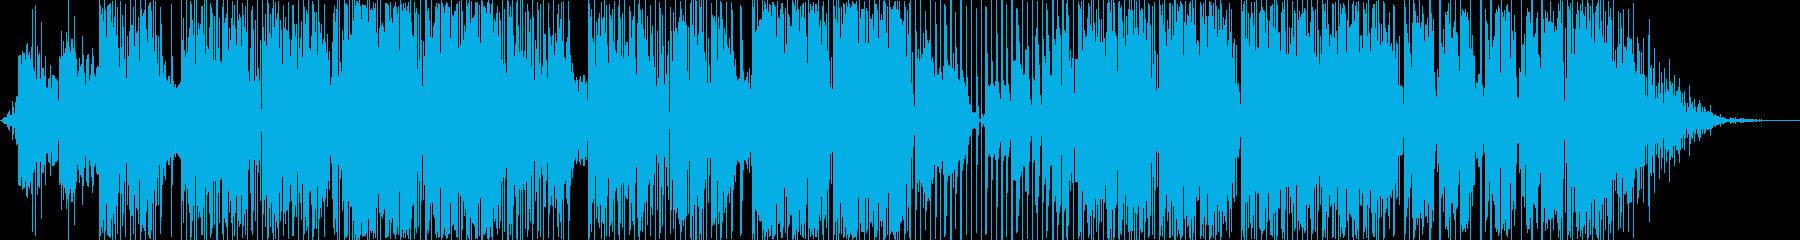 女性ボーカルとヒップホップグルーヴ...の再生済みの波形